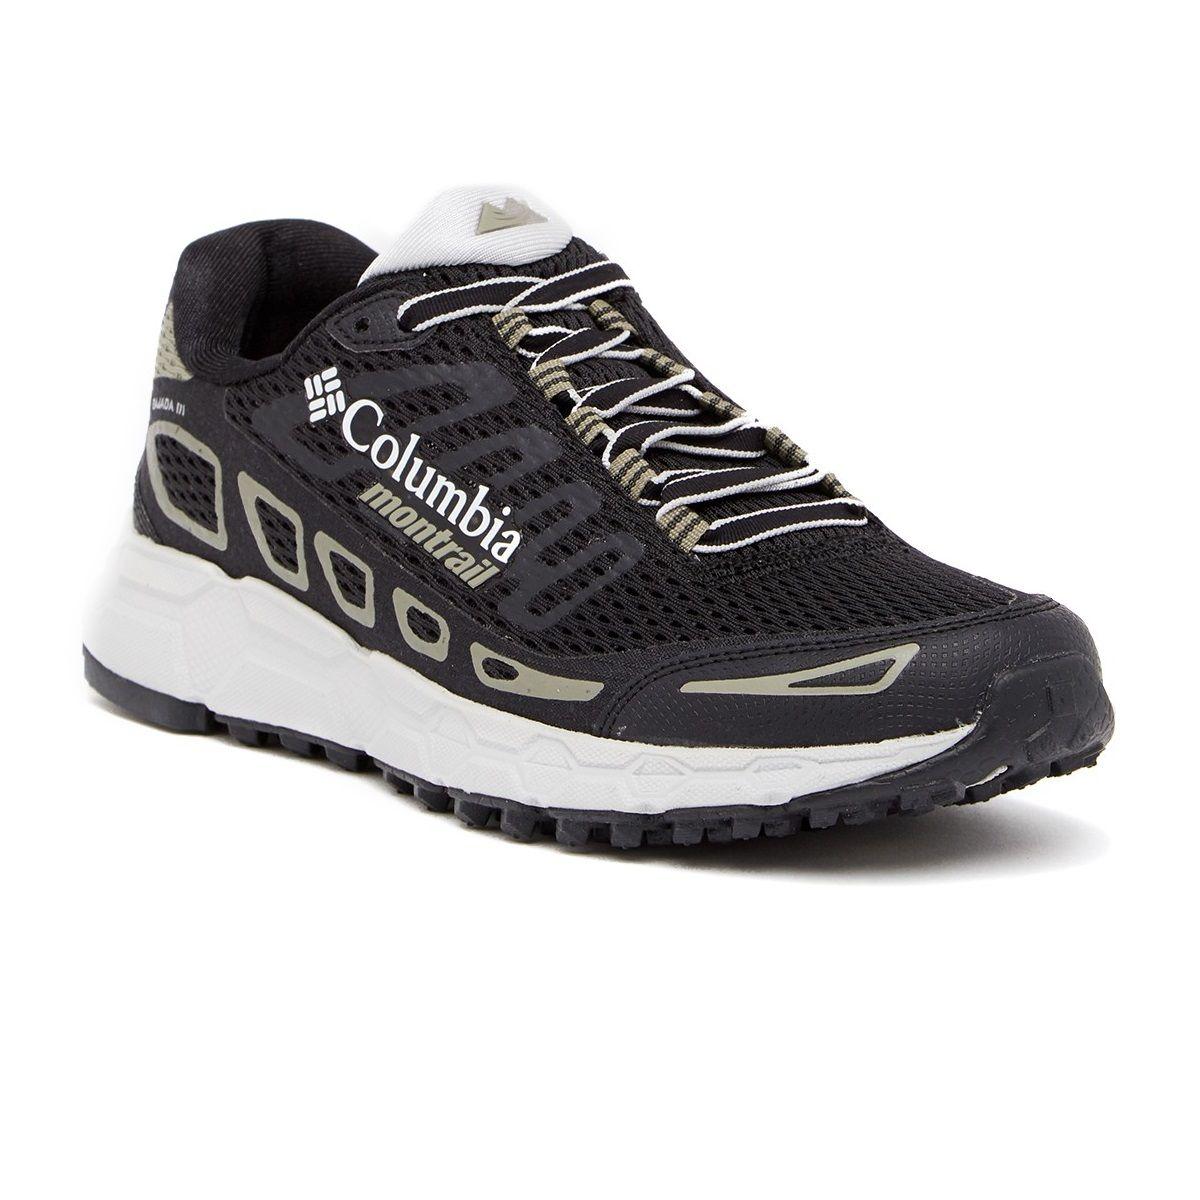 کفش مخصوص دویدن زنانه کلمبیا مدل  BL4570-011 -  - 8